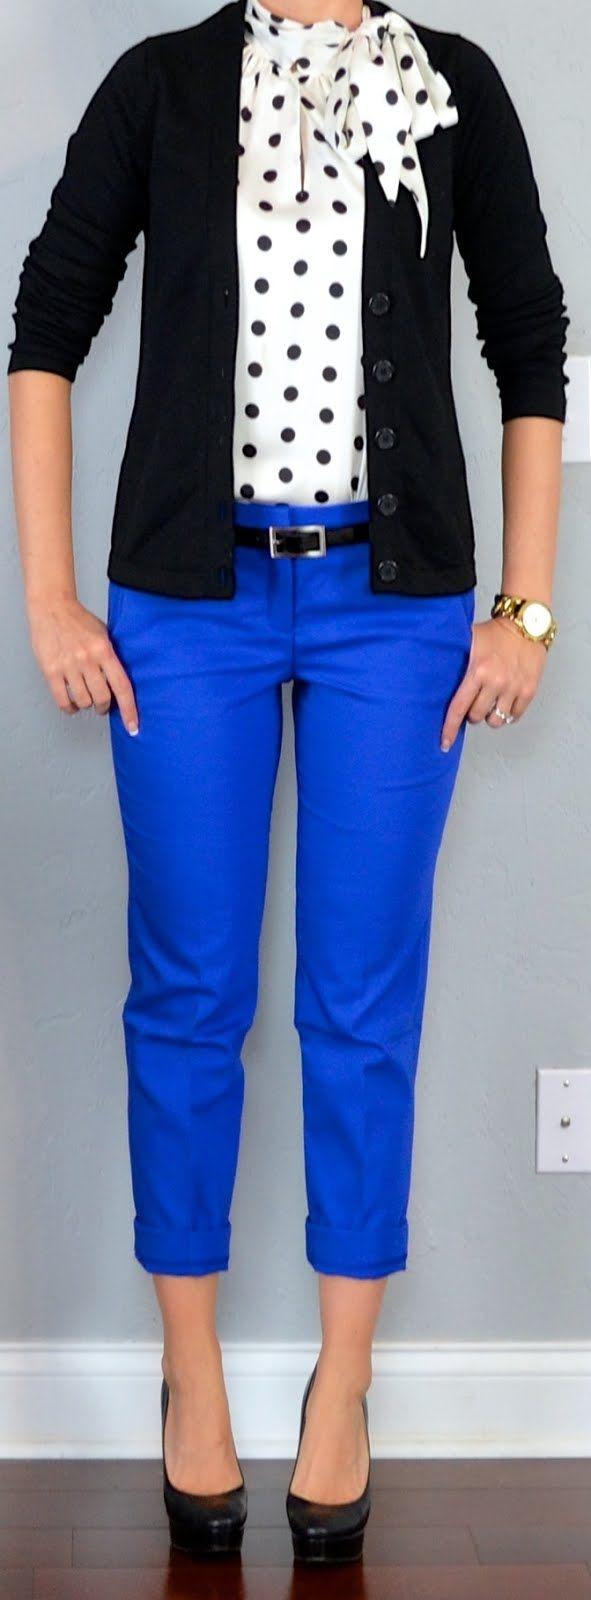 Elegant Navy Blue Top With Black Pants